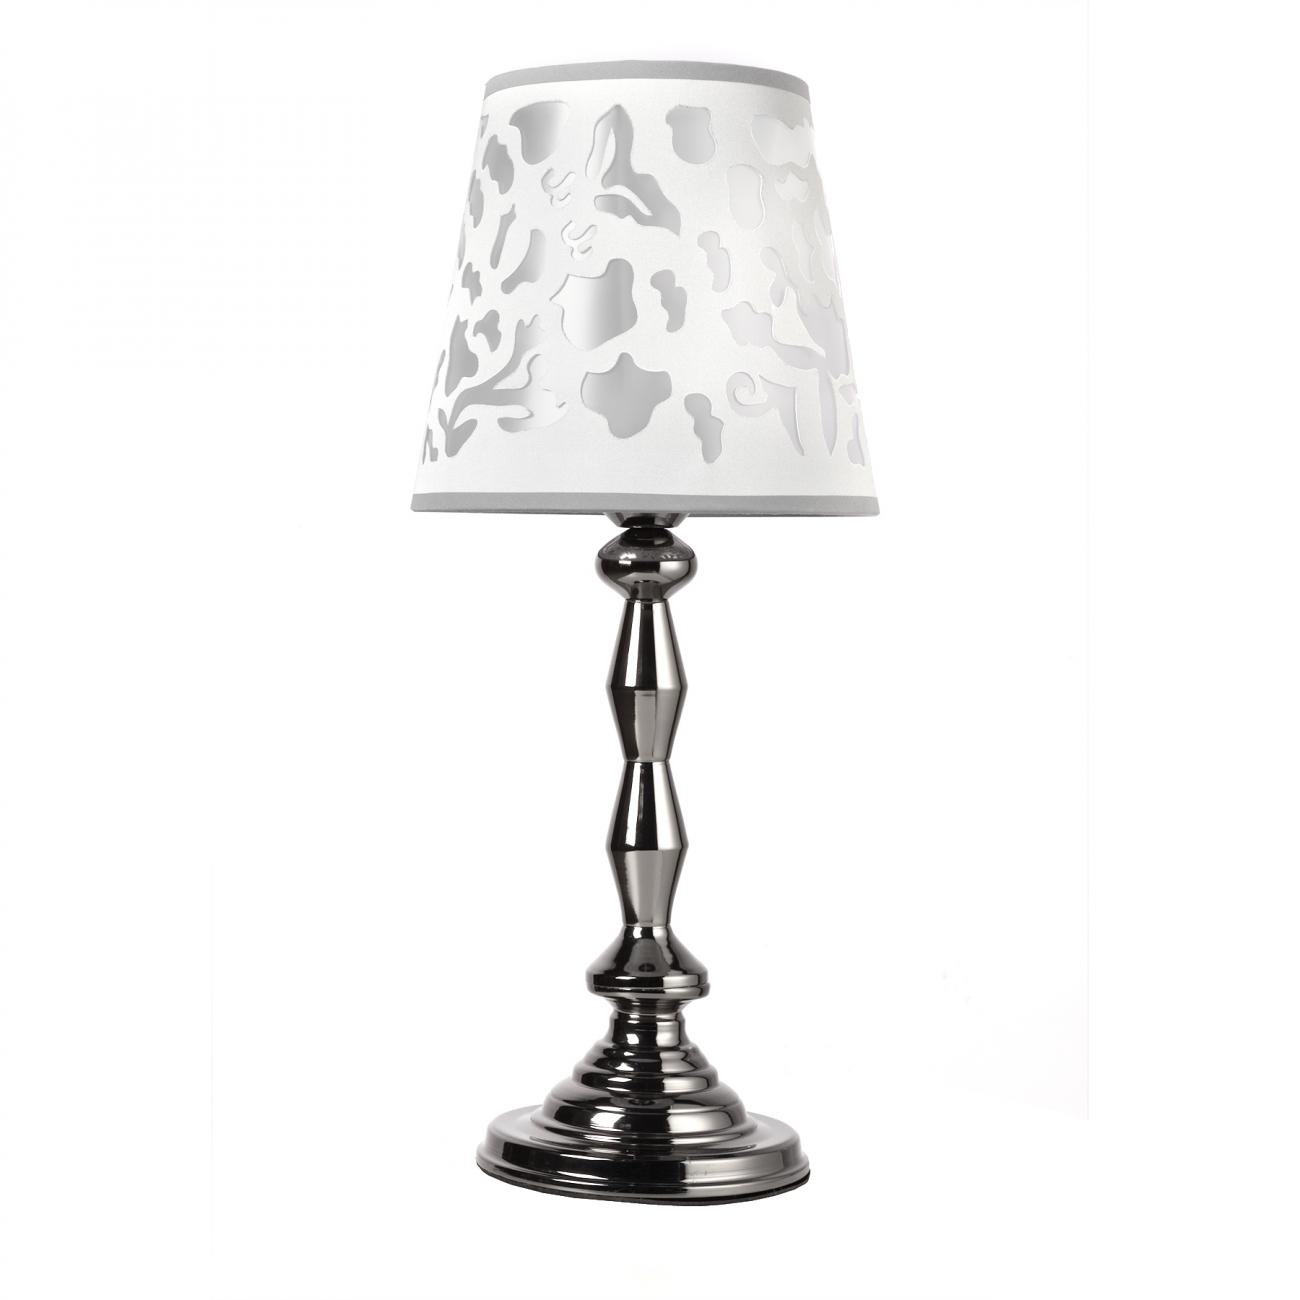 Купить Настольная лампа Ternula в интернет магазине дизайнерской мебели и аксессуаров для дома и дачи